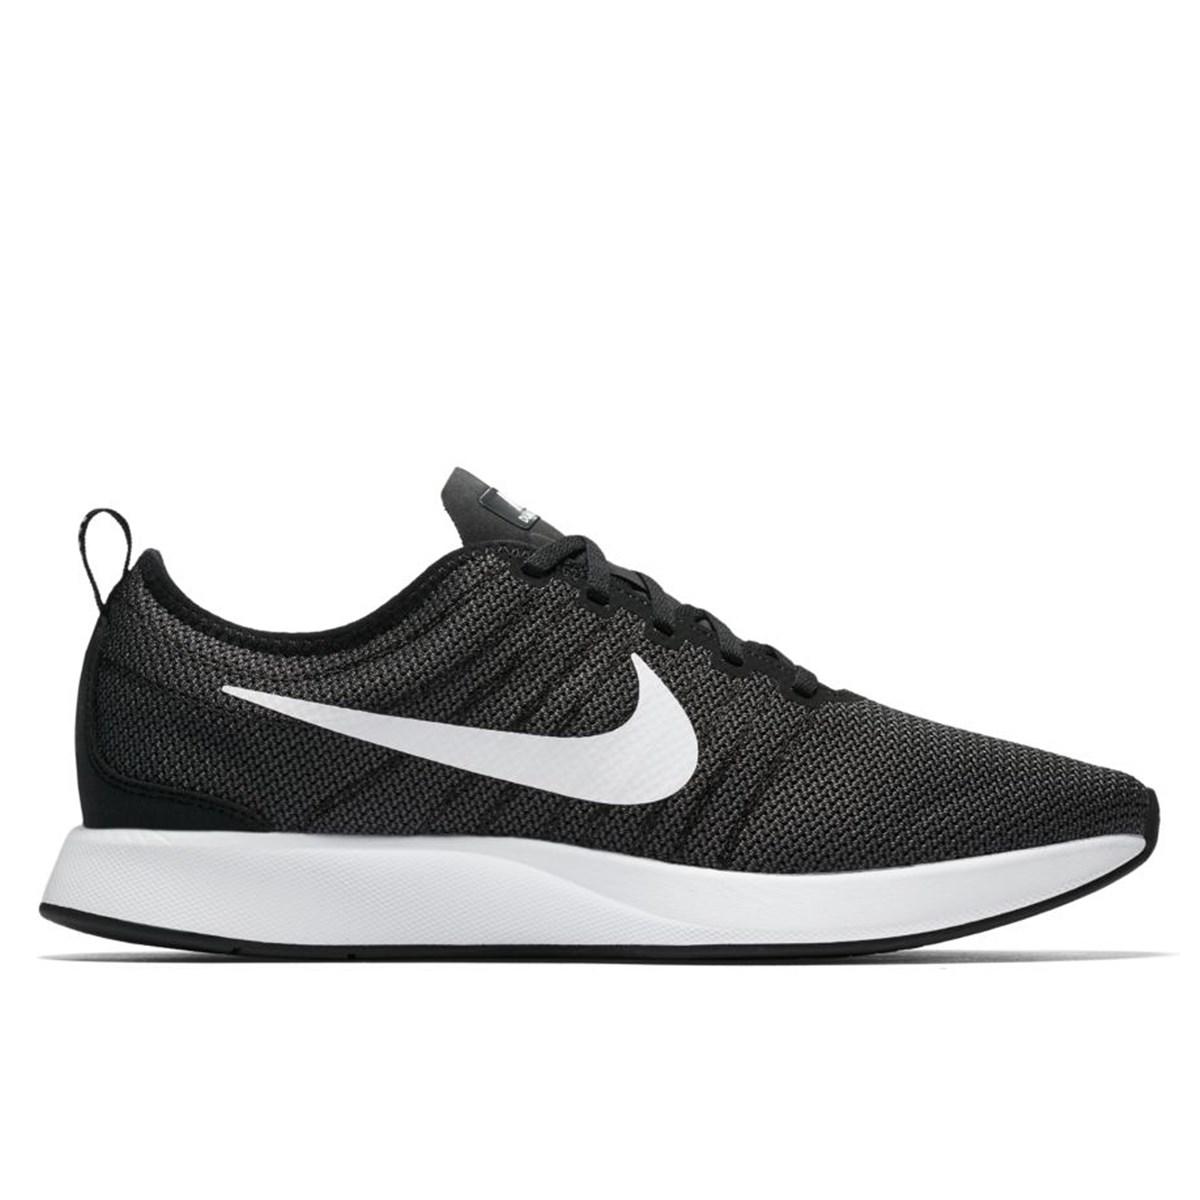 04d6b00243c7a9 Men s Dualtone Racer Black   White Sneaker